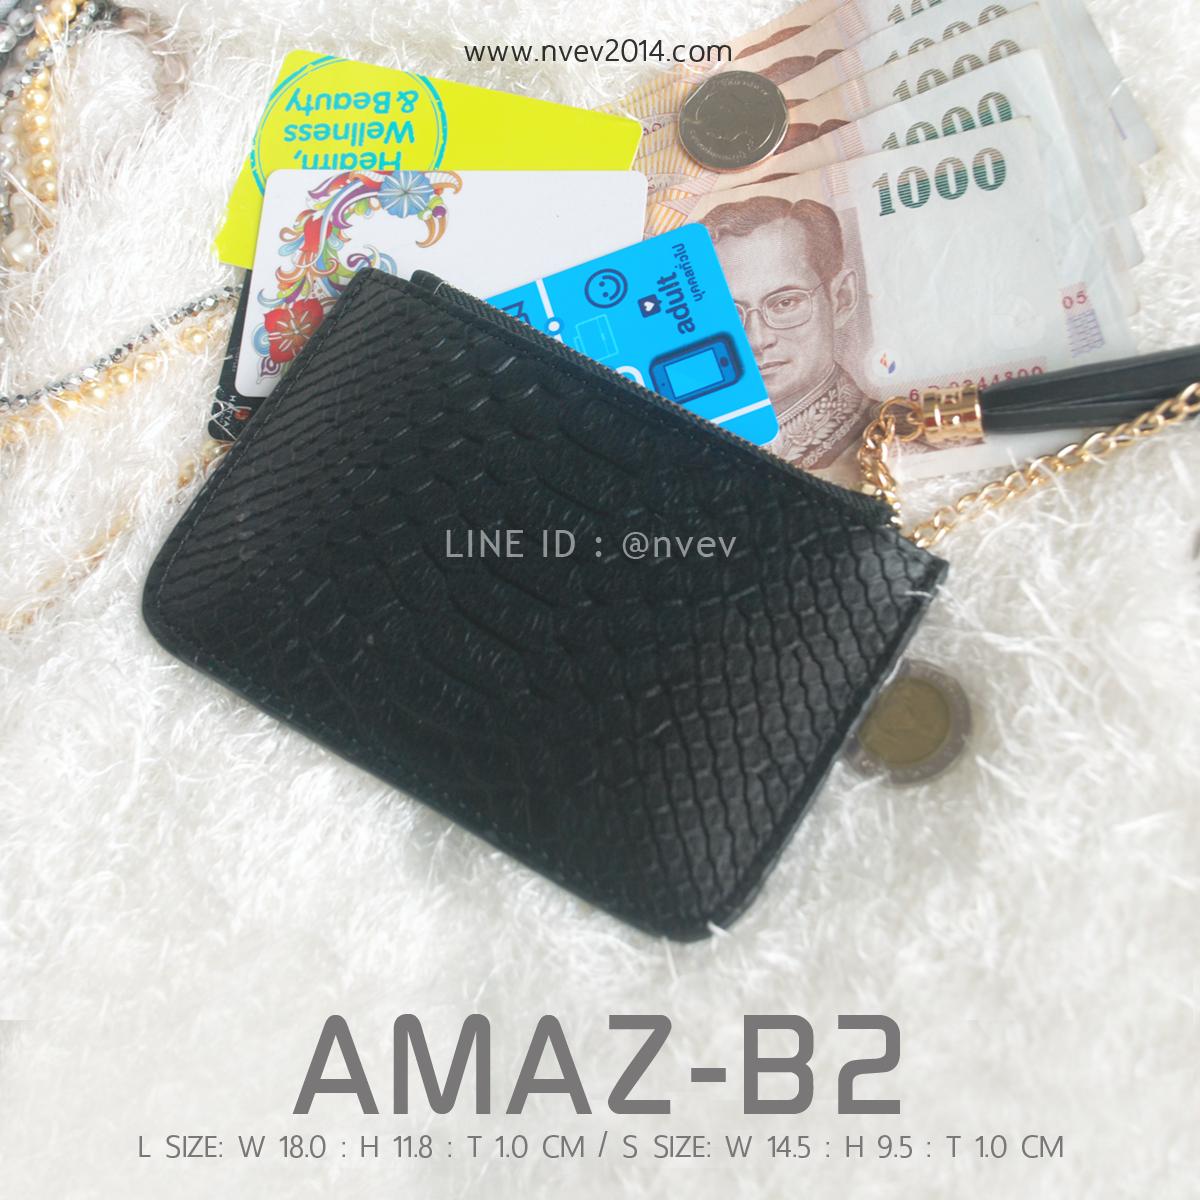 กระเป๋าสตางค์ผู้หญิง ทรงถุง รุ่น AMAZ-B2-S สีดำ